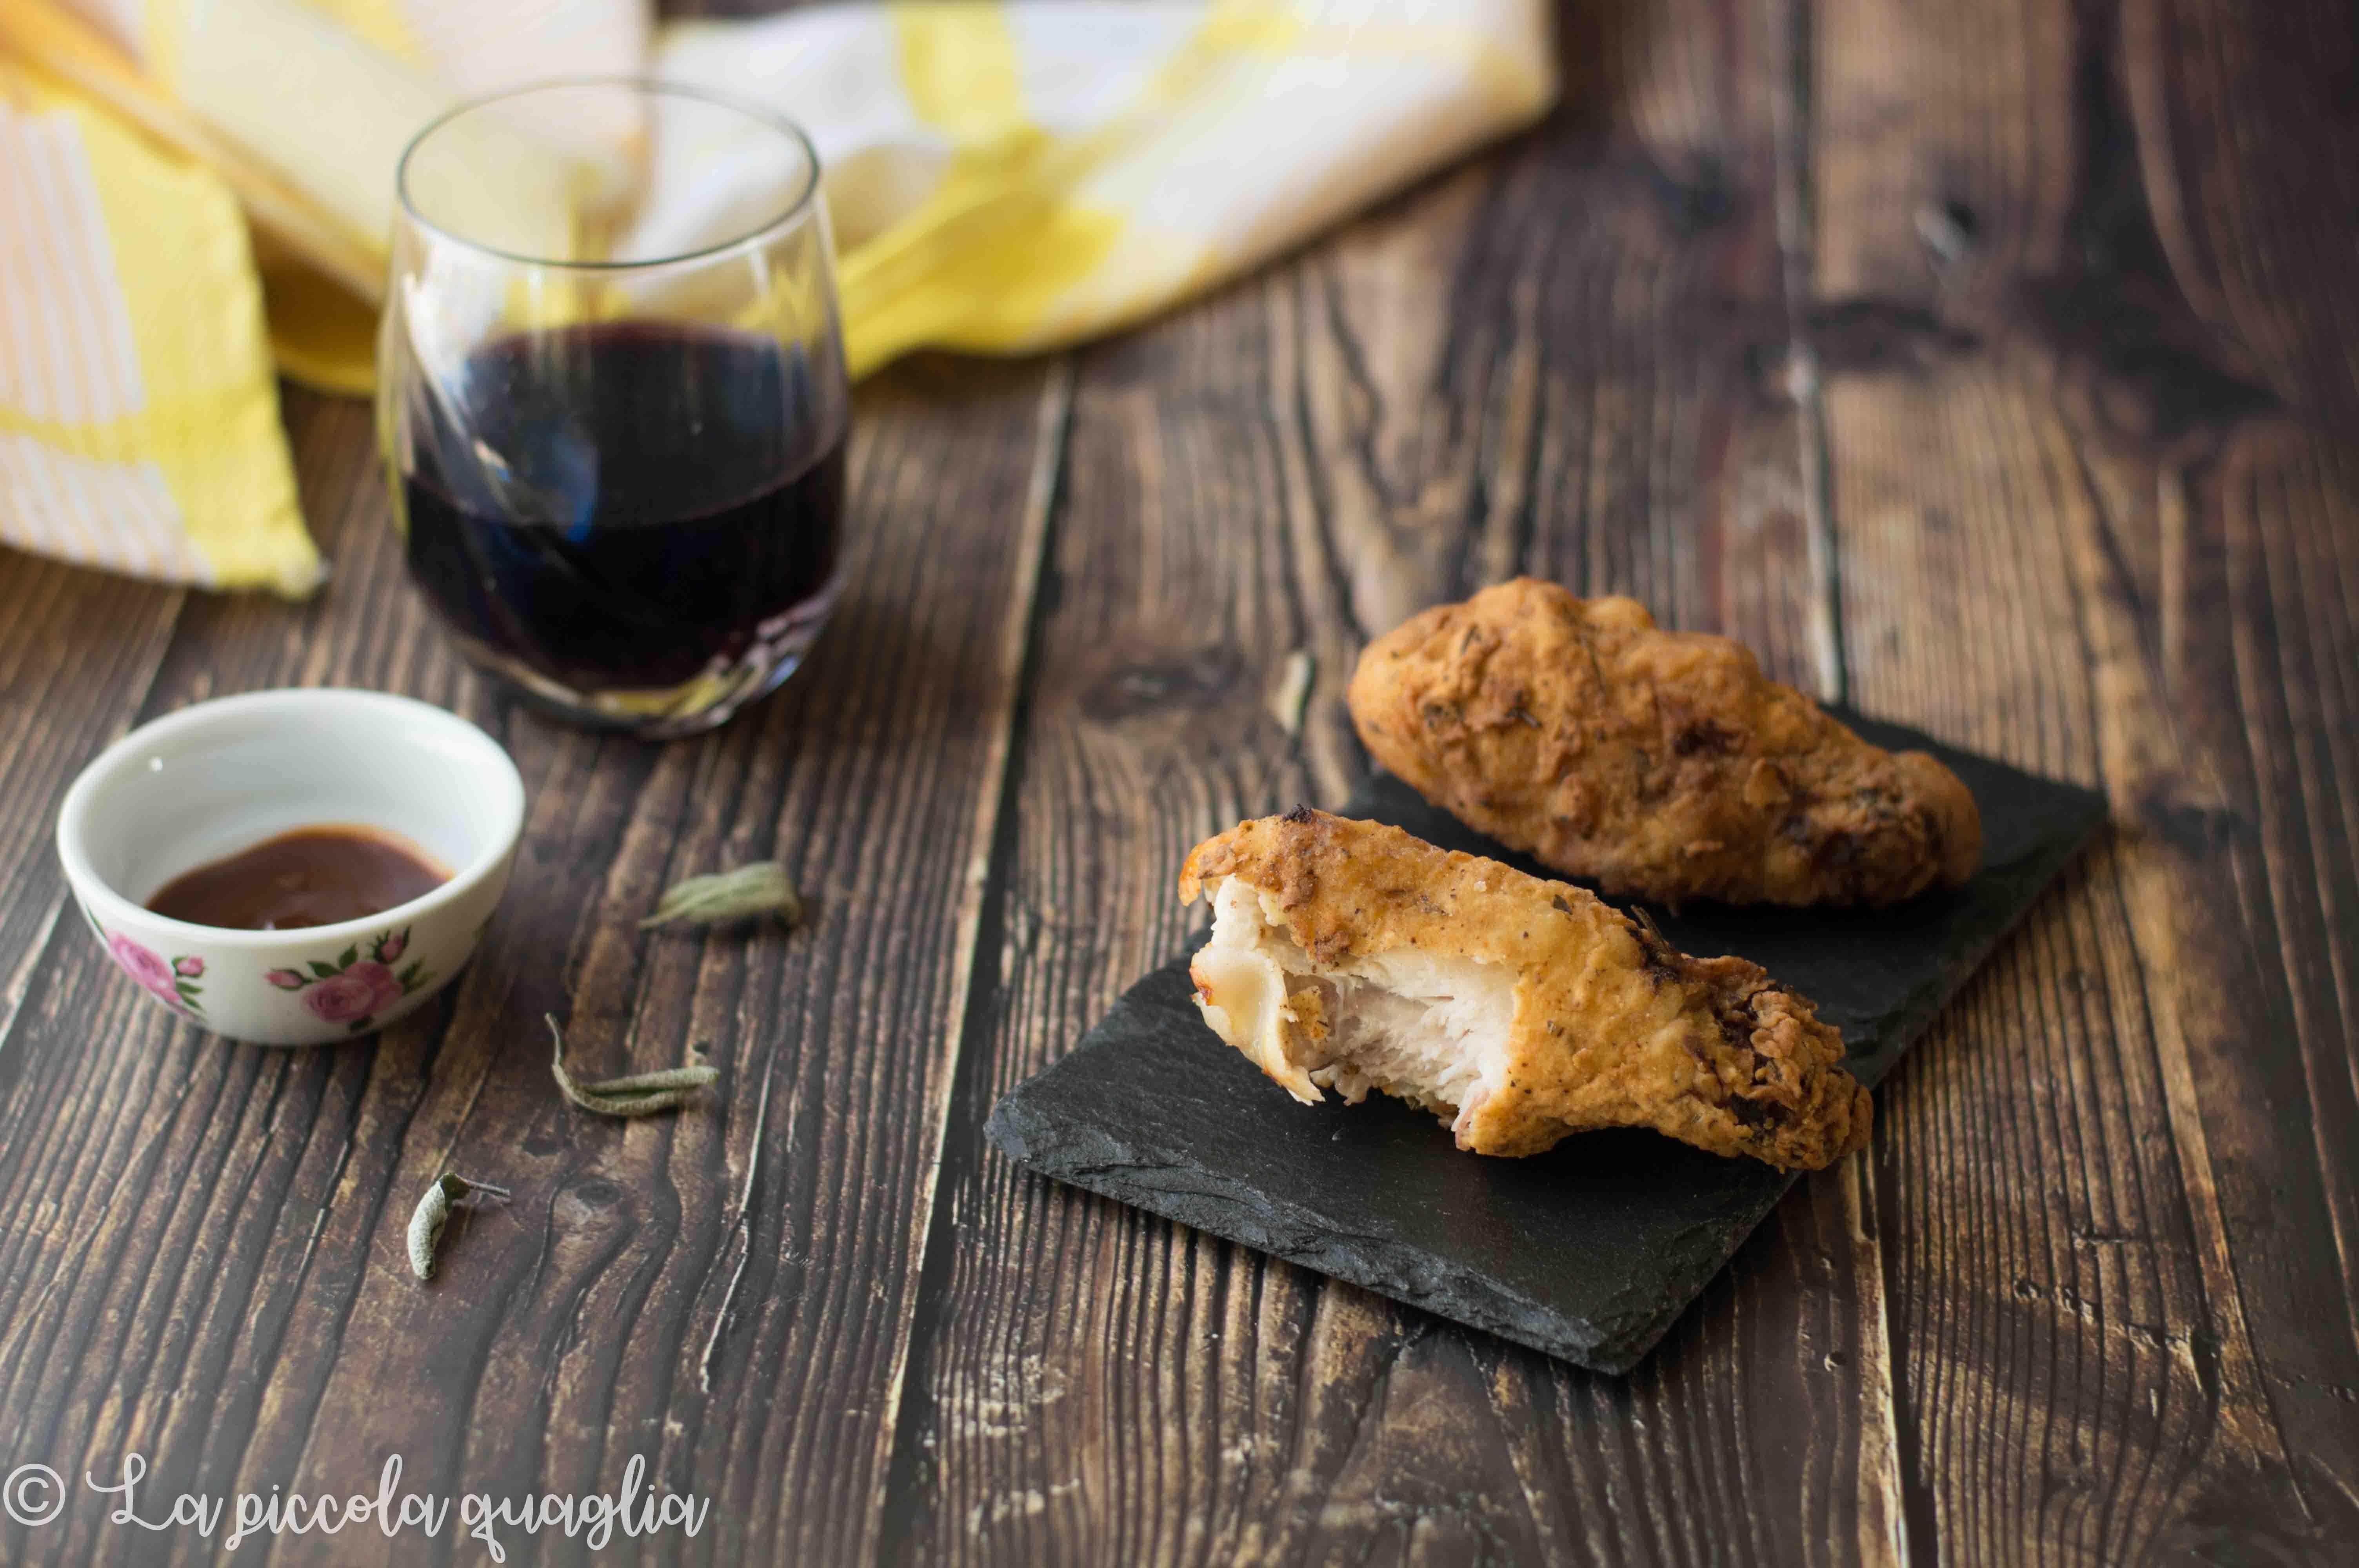 Geek Chicken: KFC fried chicken #Green Book